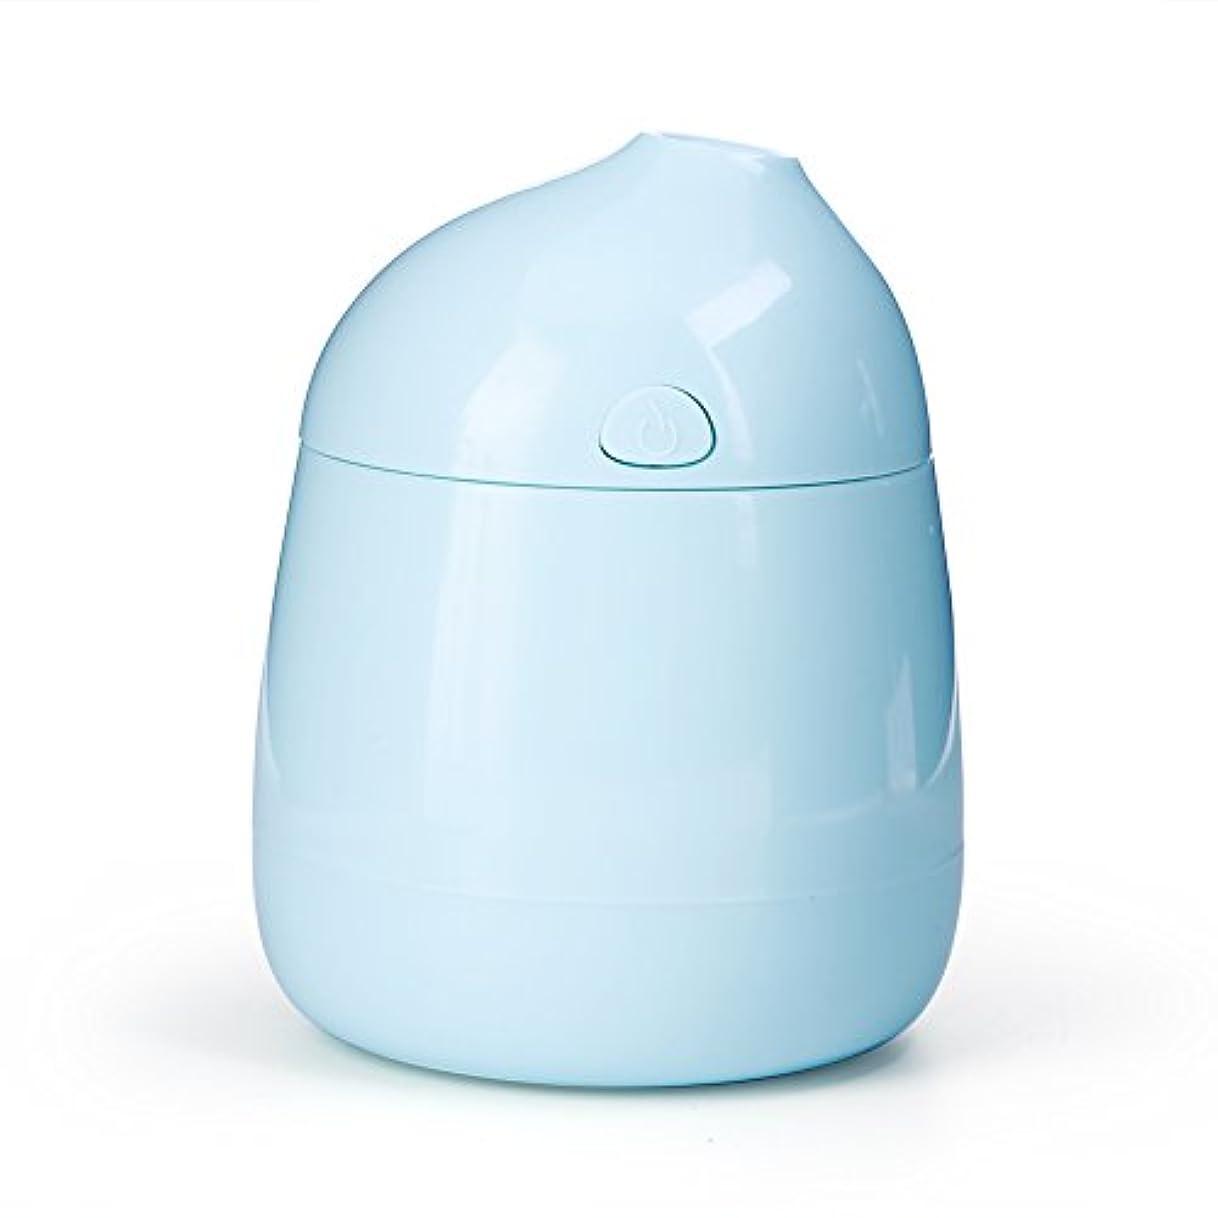 調査免除バラ色usb加湿器、ポータブルミニアロマ空気加湿器空気ディフューザー清浄器アトマイザー車のオフィス空気リフレッシャー(青)